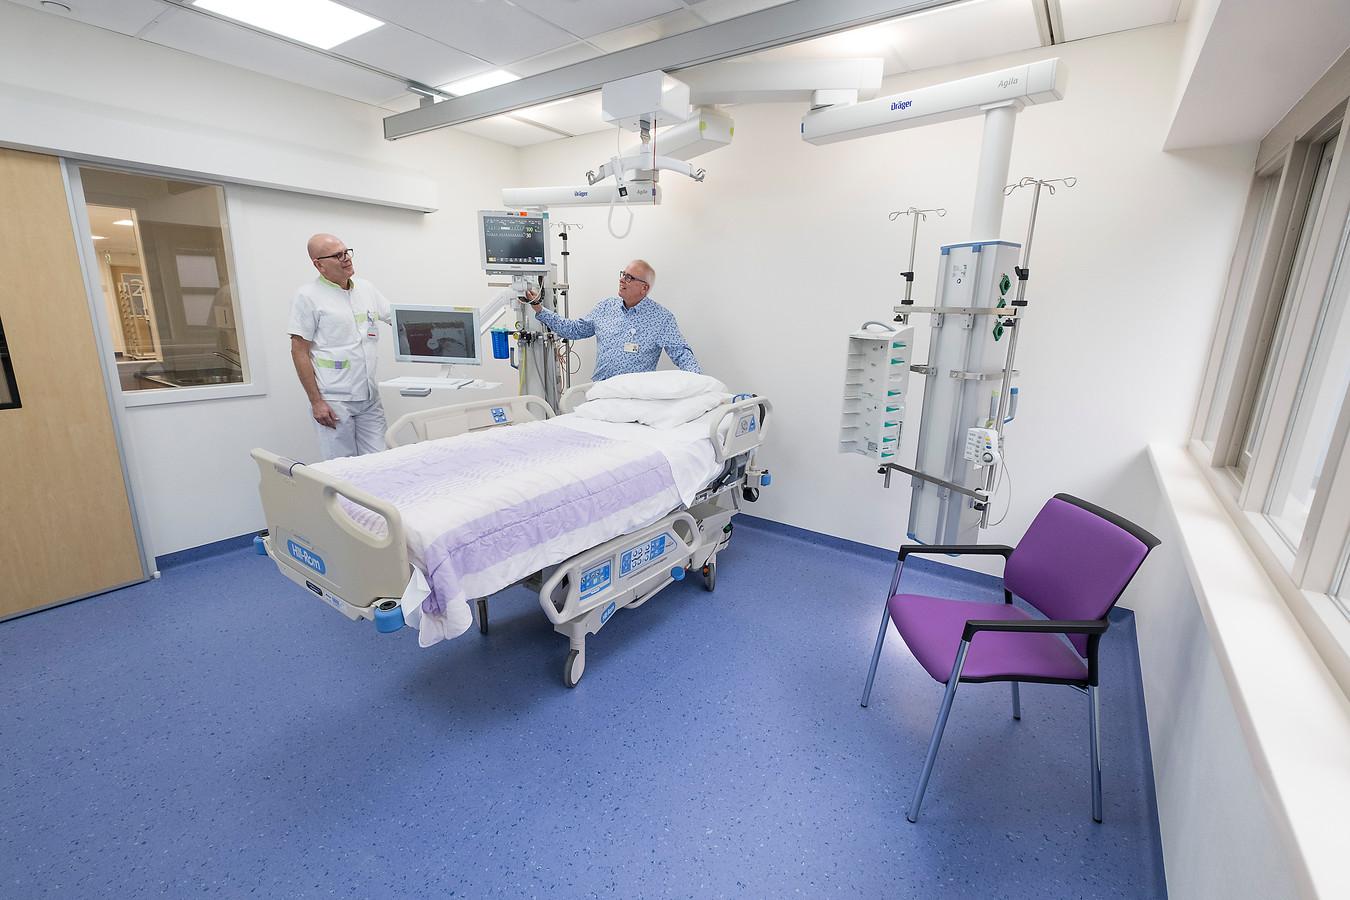 Blik in de twee jaar geleden vernieuwde afdeling Intensive Care.